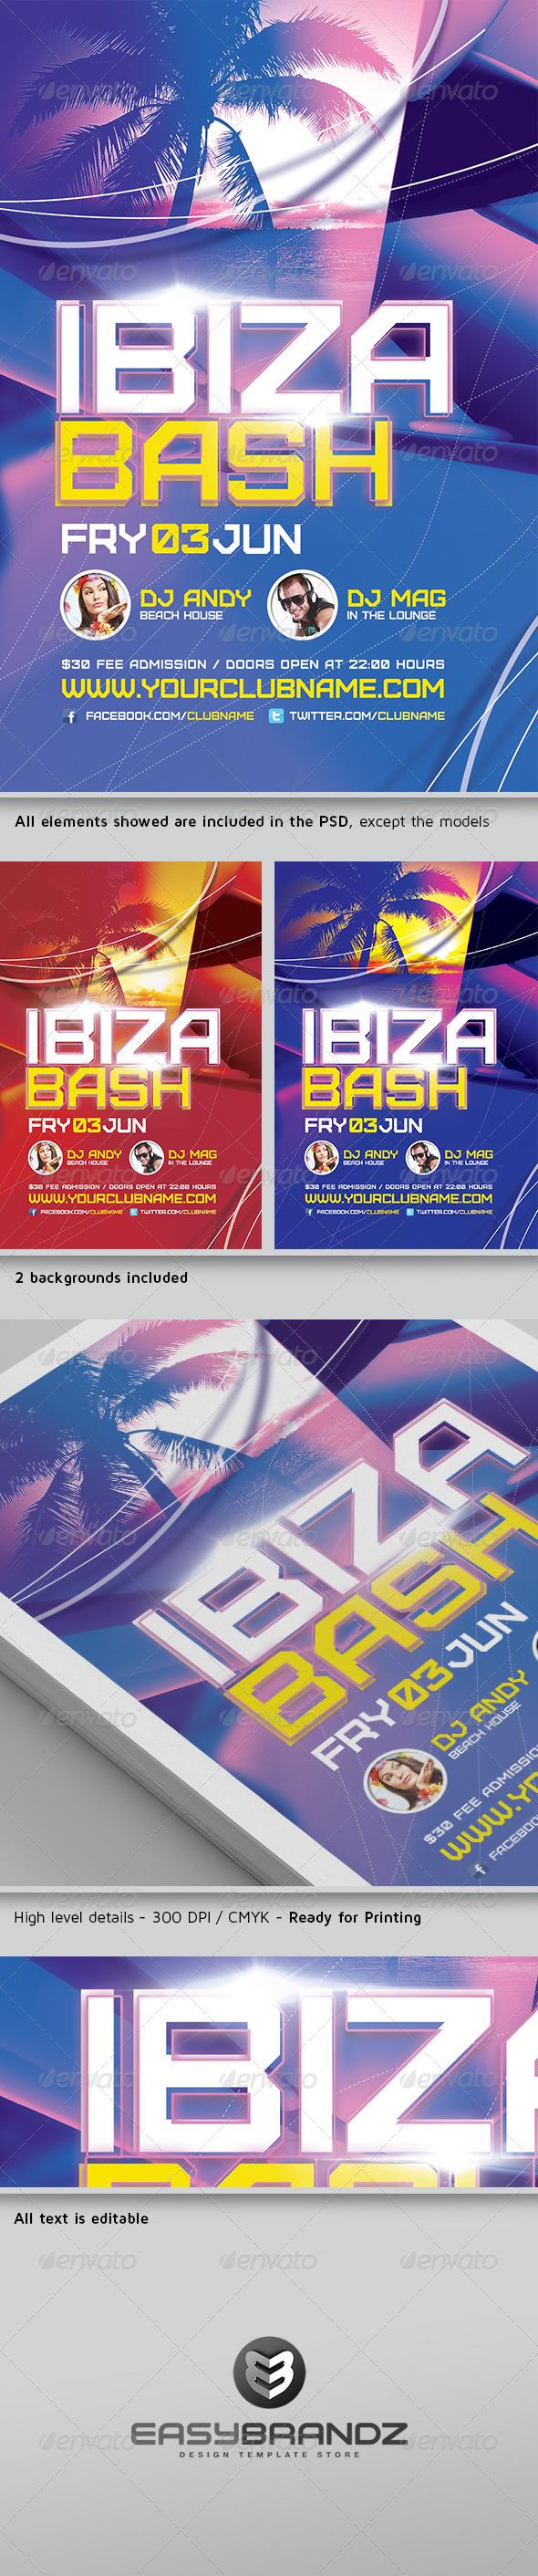 GraphicRiver Ibiza Bash Flyer Template 4621816